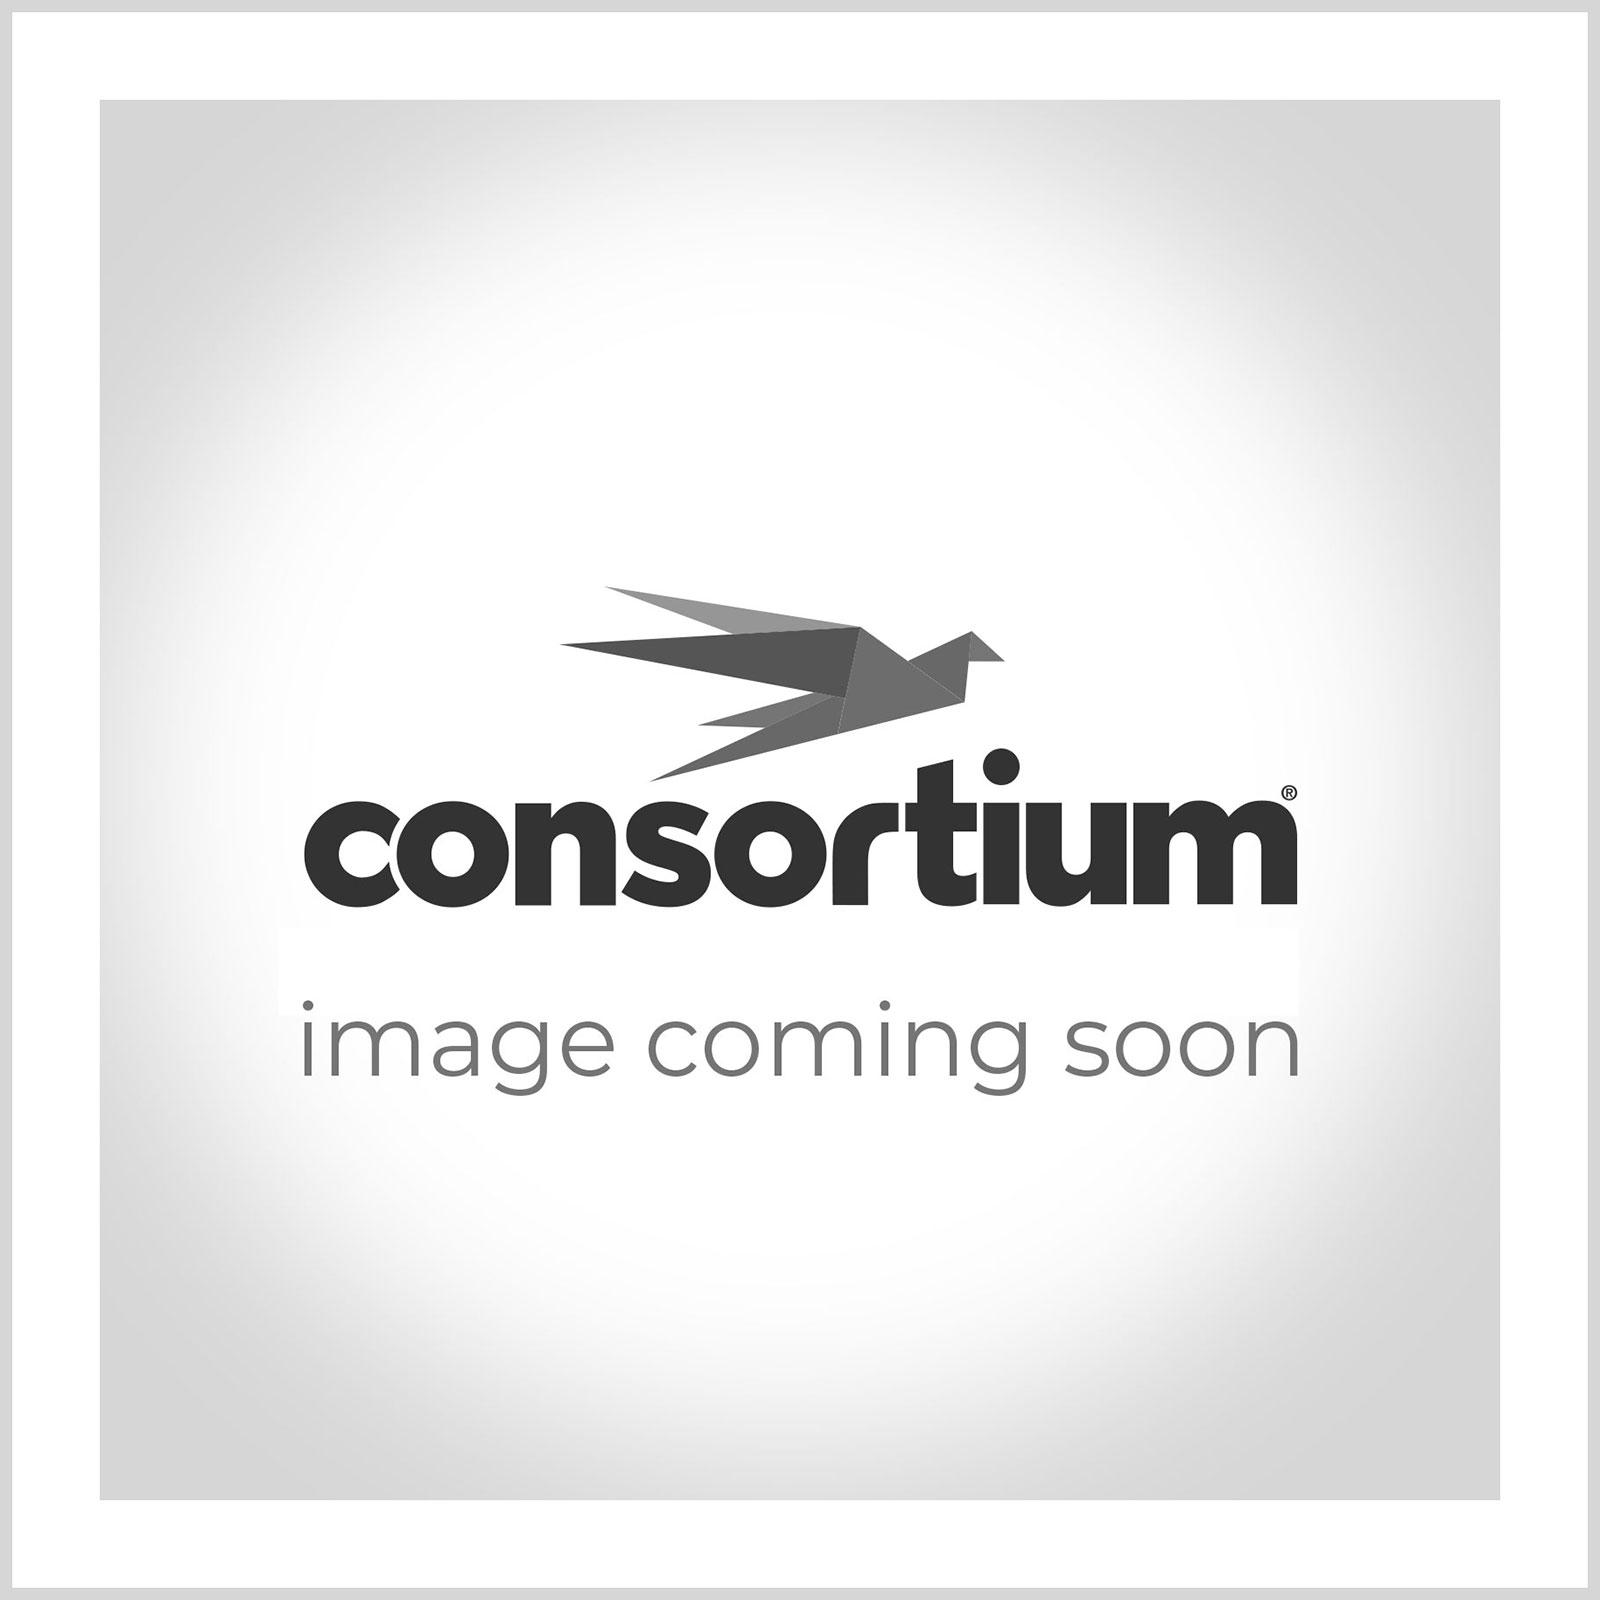 Dunlop Hydra PU Racket Grips